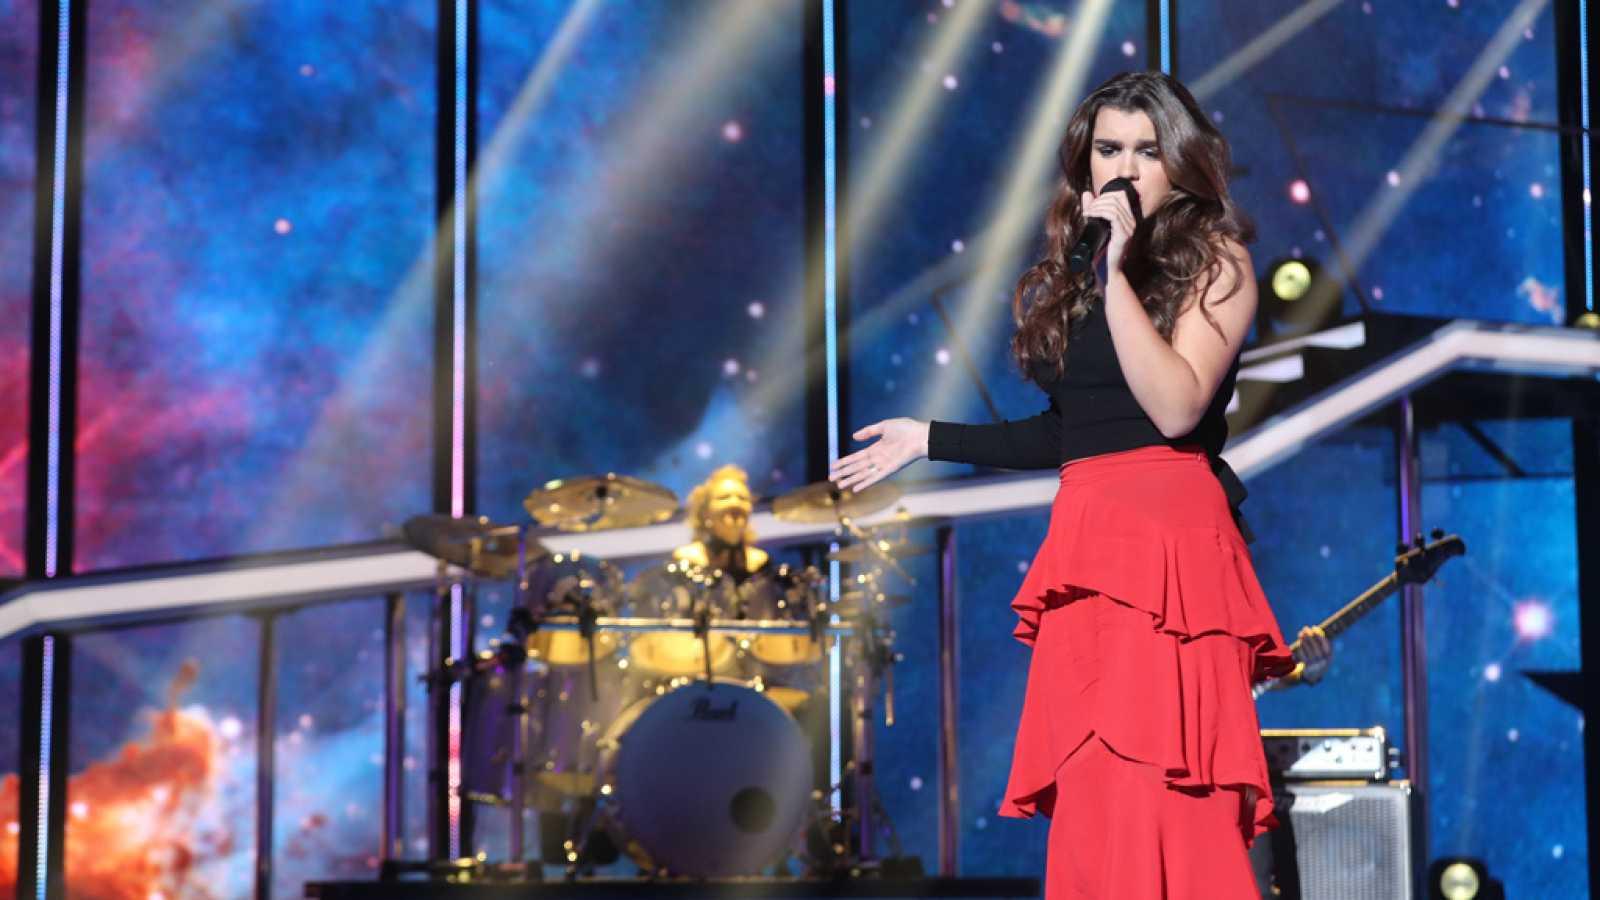 2a752e4aac Para todos los públicos Operación Triunfo - Amaia canta  Starman  en la gala  0 de Operación Triunfo reproducir video